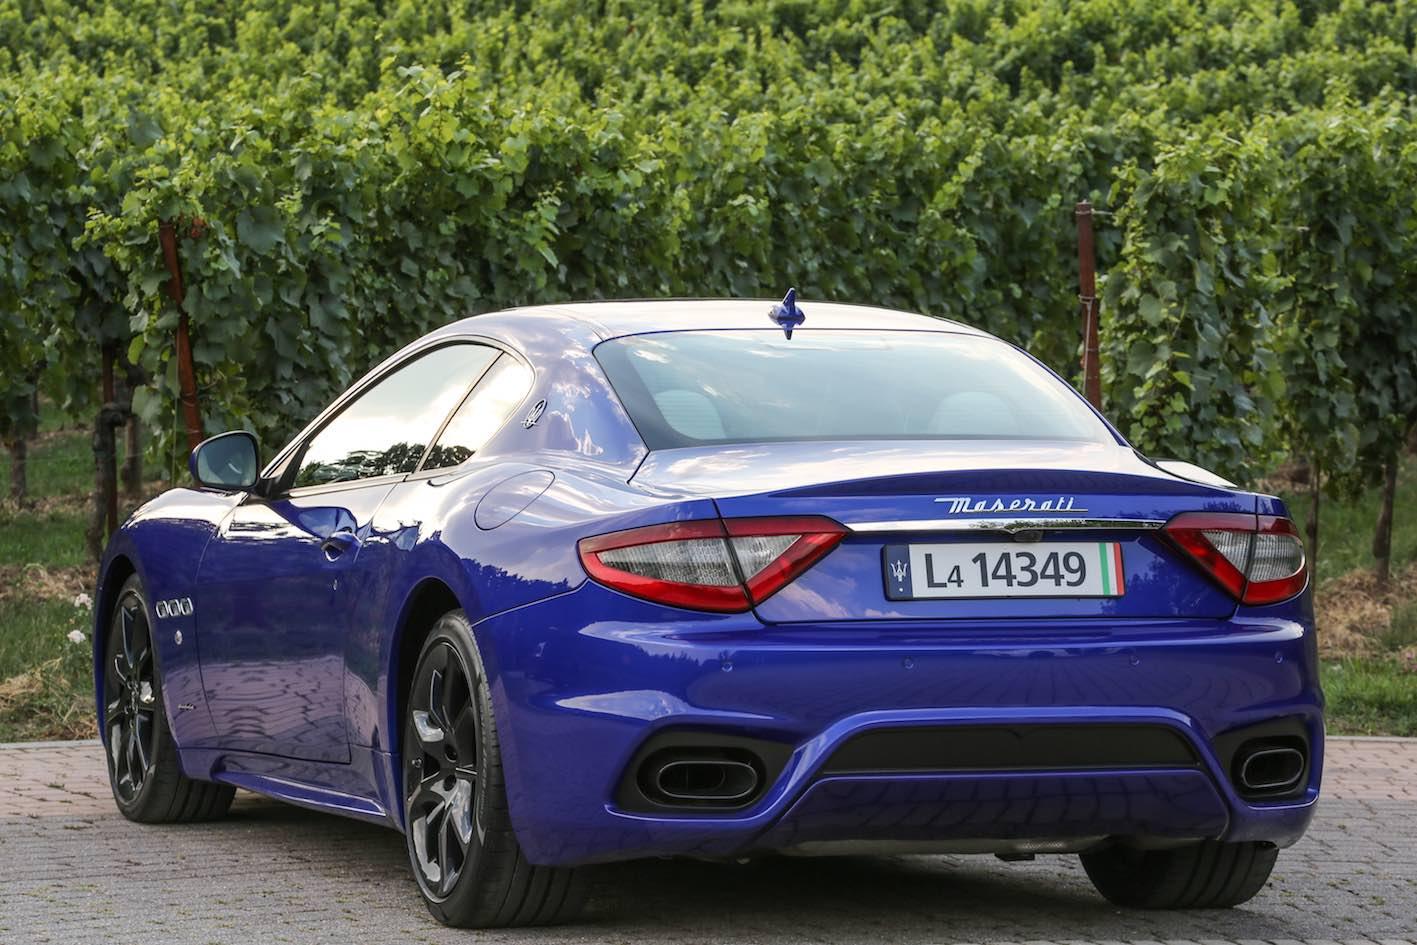 Maserati GranTurismo Blau 2018 Heck